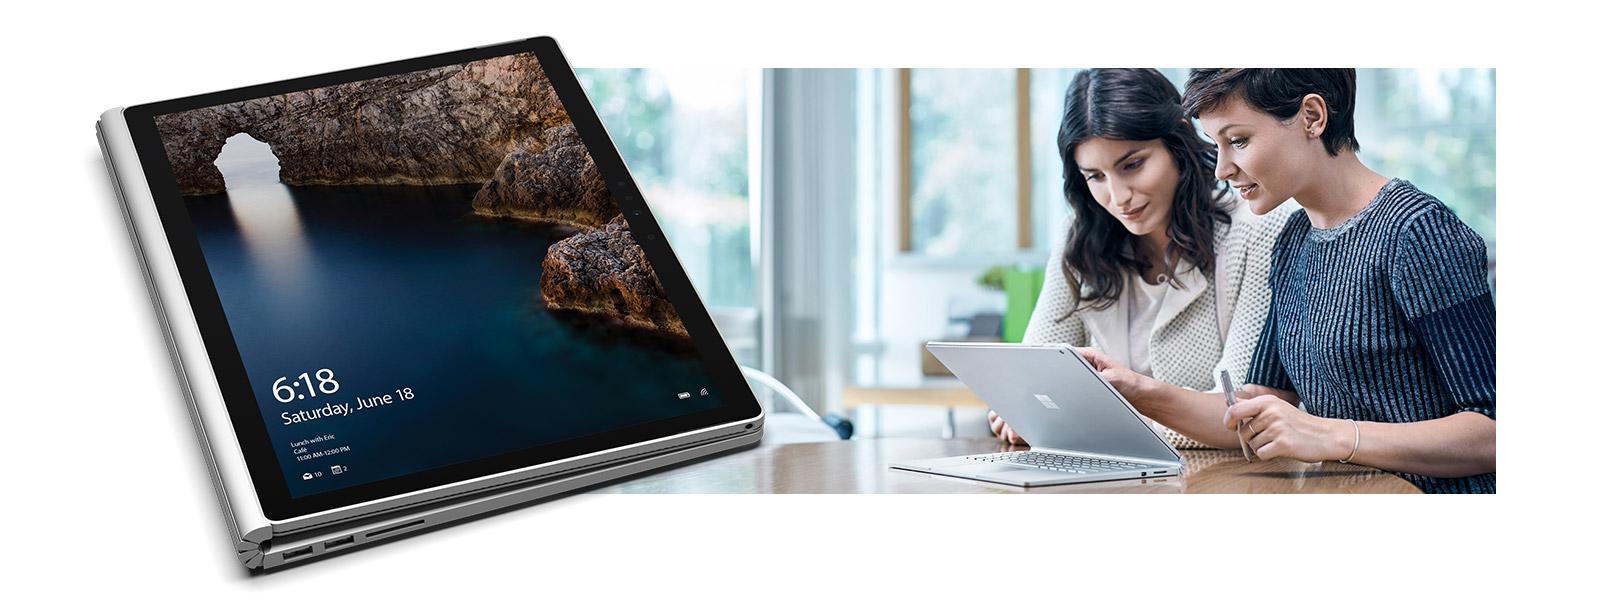 Surface Book in tekenmodus naast een afbeelding van twee vrouwen die op een Surface Book aan een bureau werken